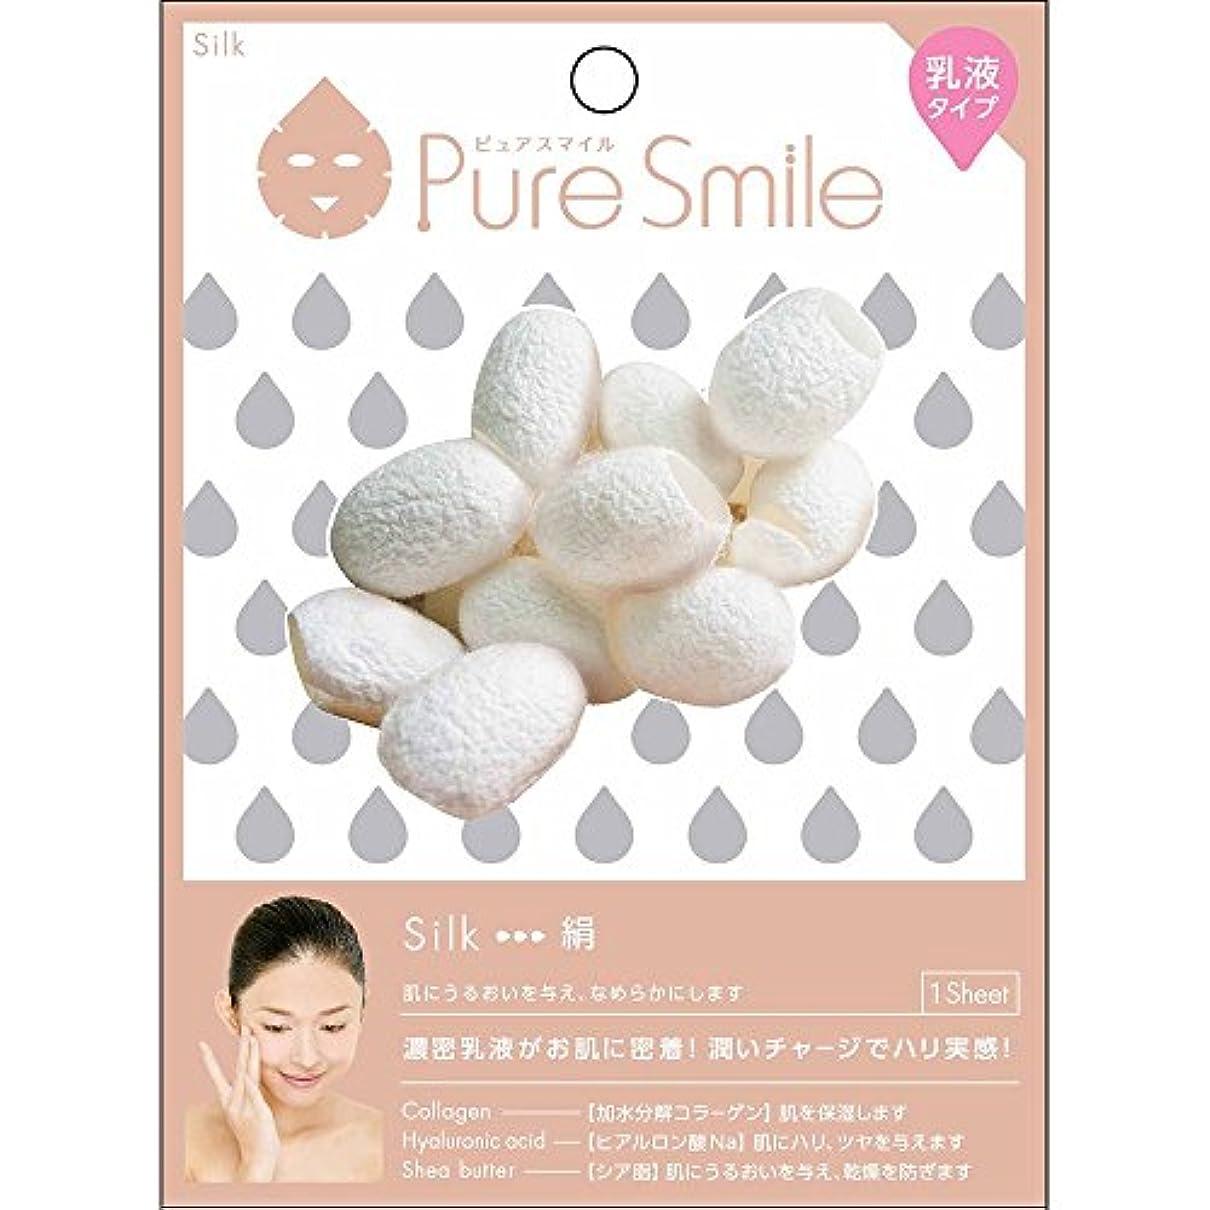 歌手単独でブレンドPure Smile(ピュアスマイル) 乳液エッセンスマスク 1 枚 絹